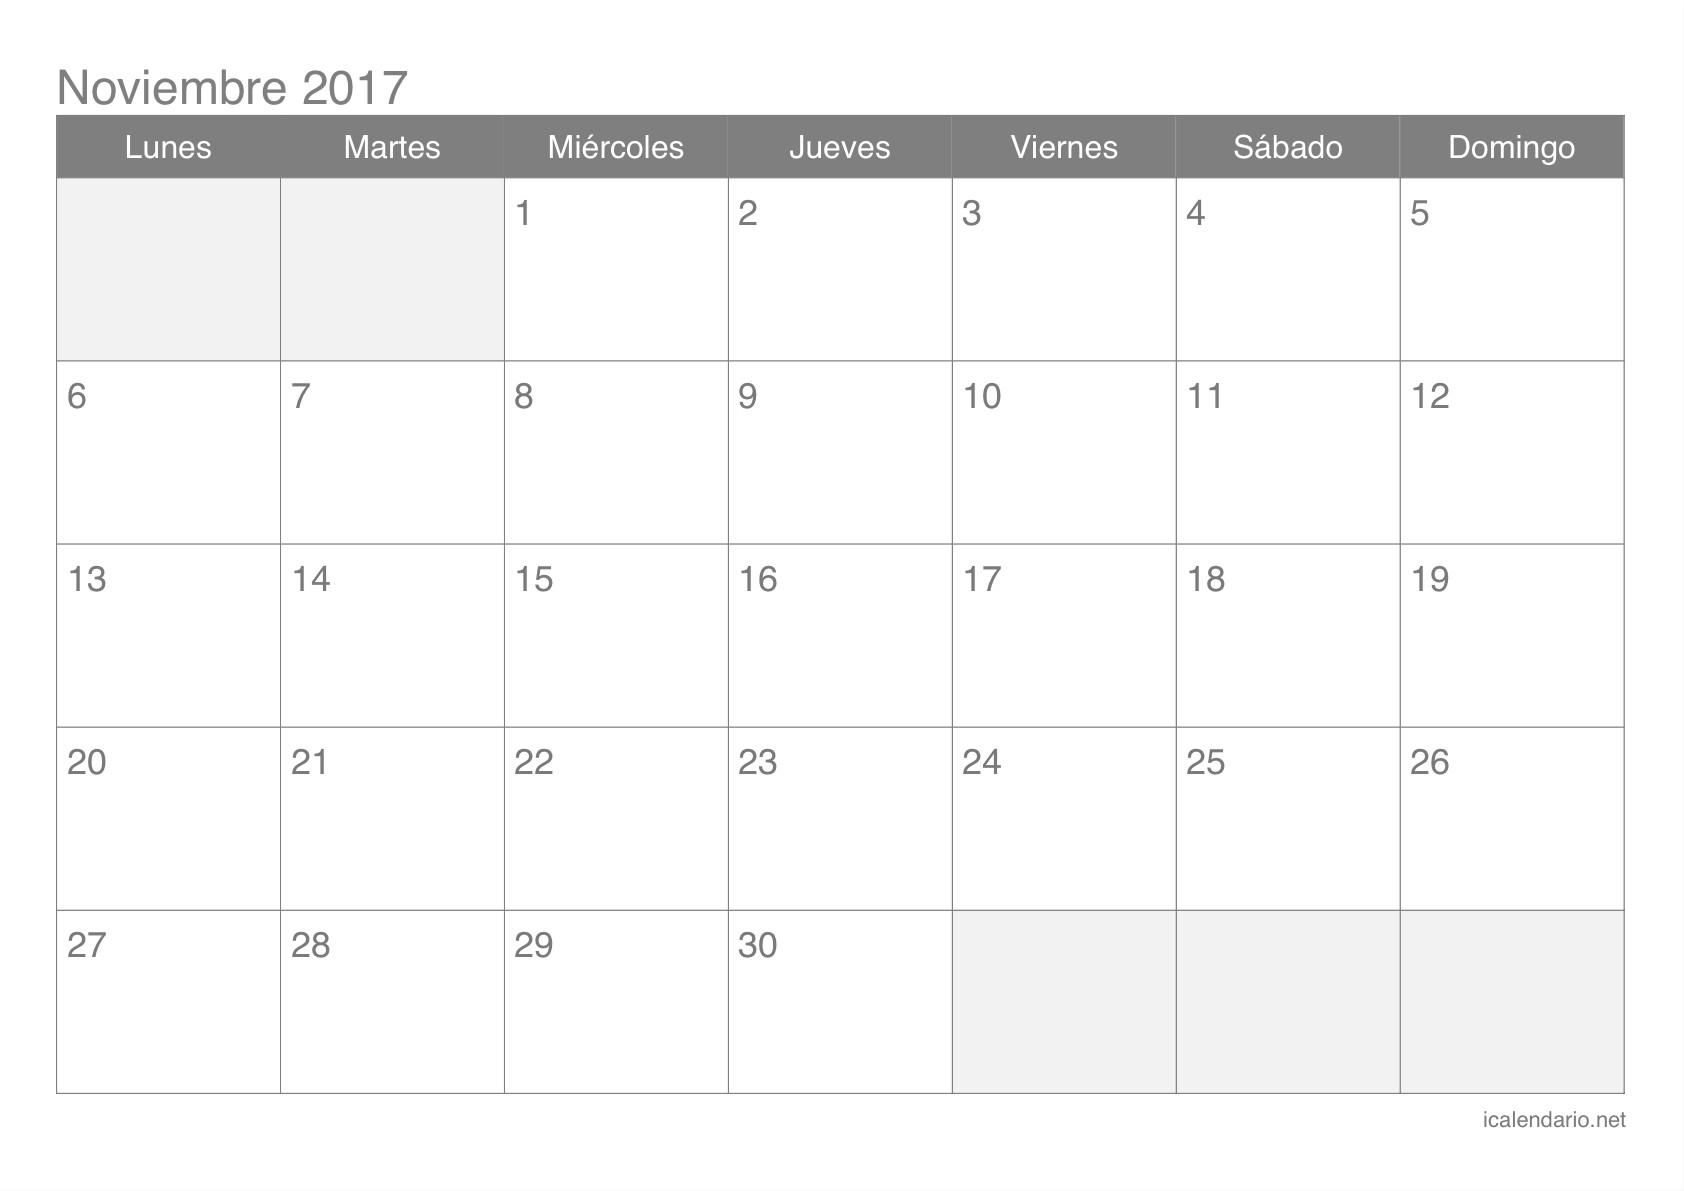 Calendario 2019 Chile Para Imprimir Actual 2019 2018 Calendar Printable with Holidays List Kalender Kalendar Of Calendario 2019 Chile Para Imprimir Más Arriba-a-fecha Se Abren Las Postulaciones Para La Escuela De Sistemas Plejos